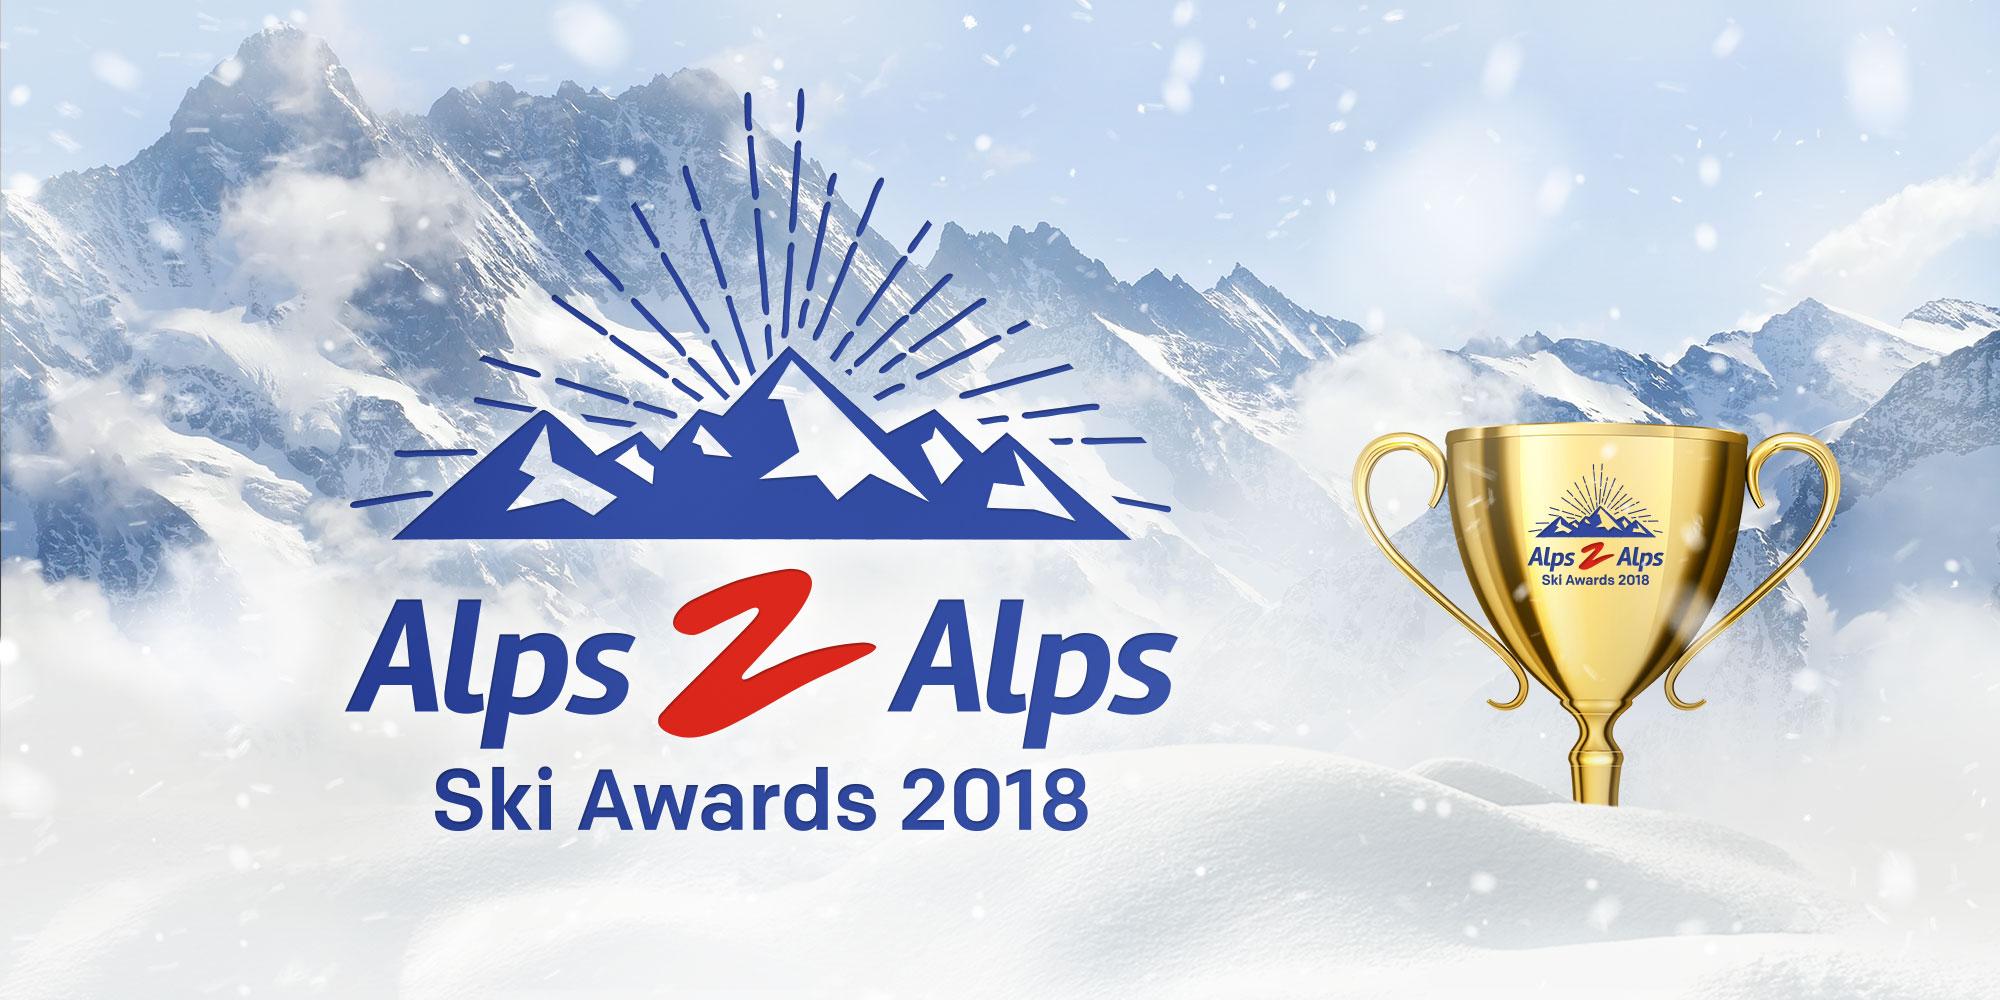 Alps2Alps ski awards